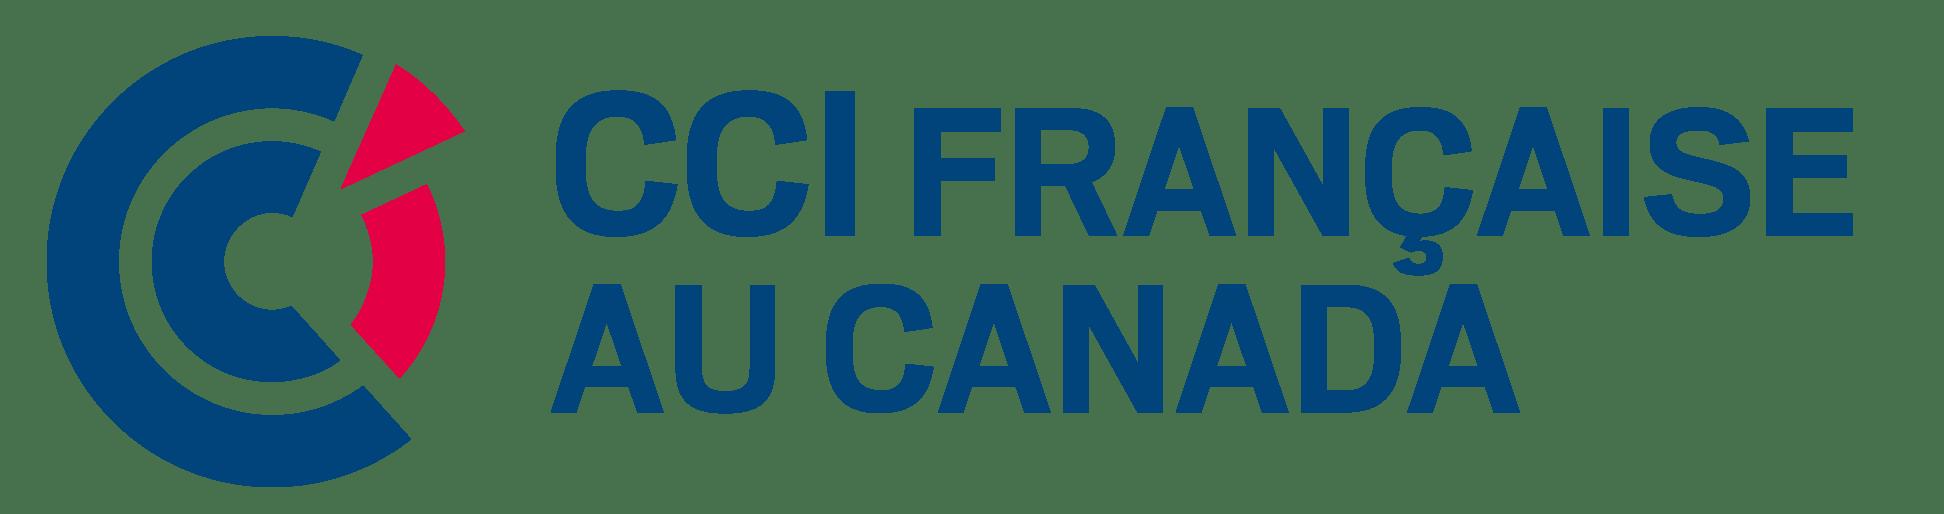 CCI Française au Canada